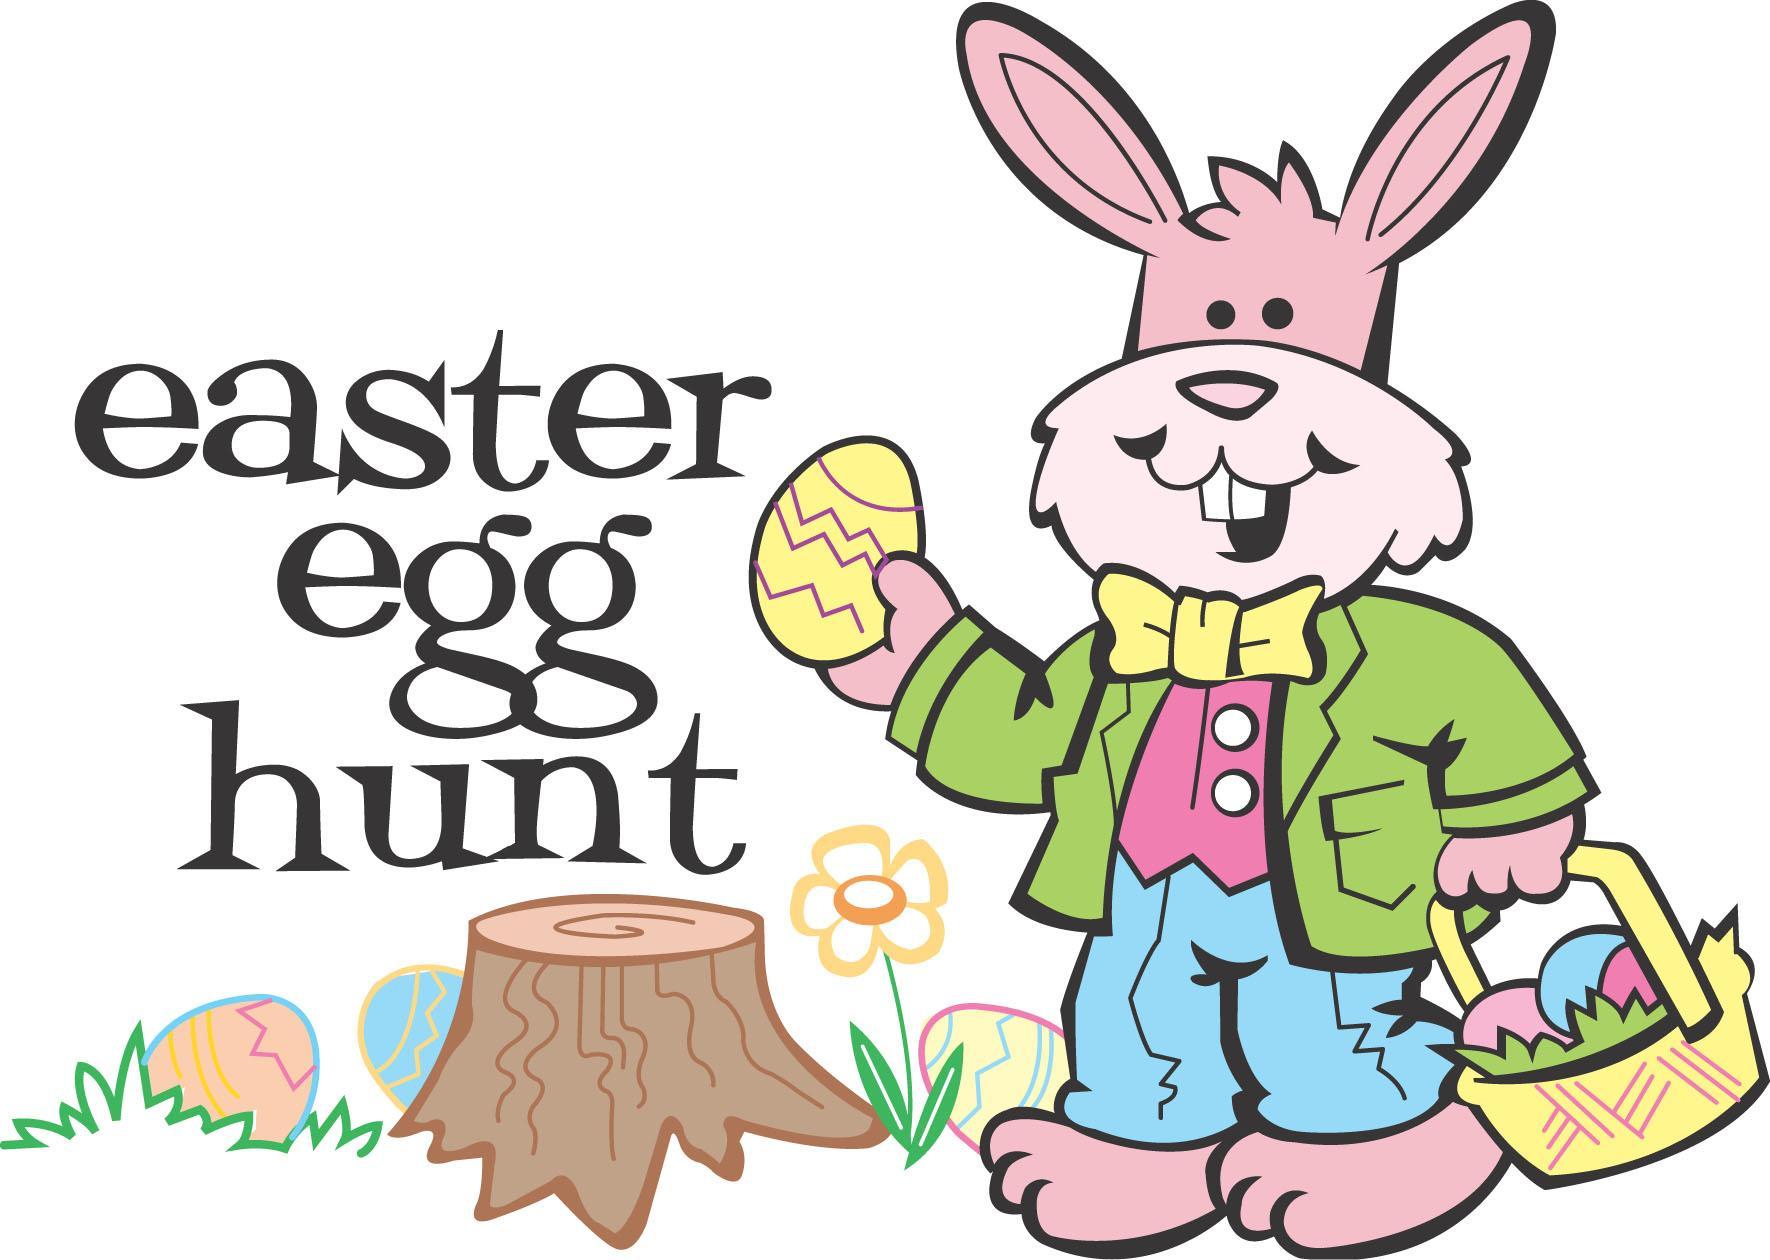 Annual easter egg hunt clipart jpg black and white library Easter Egg Hunt Sign Free Clip Art – Clipart Free Download jpg black and white library